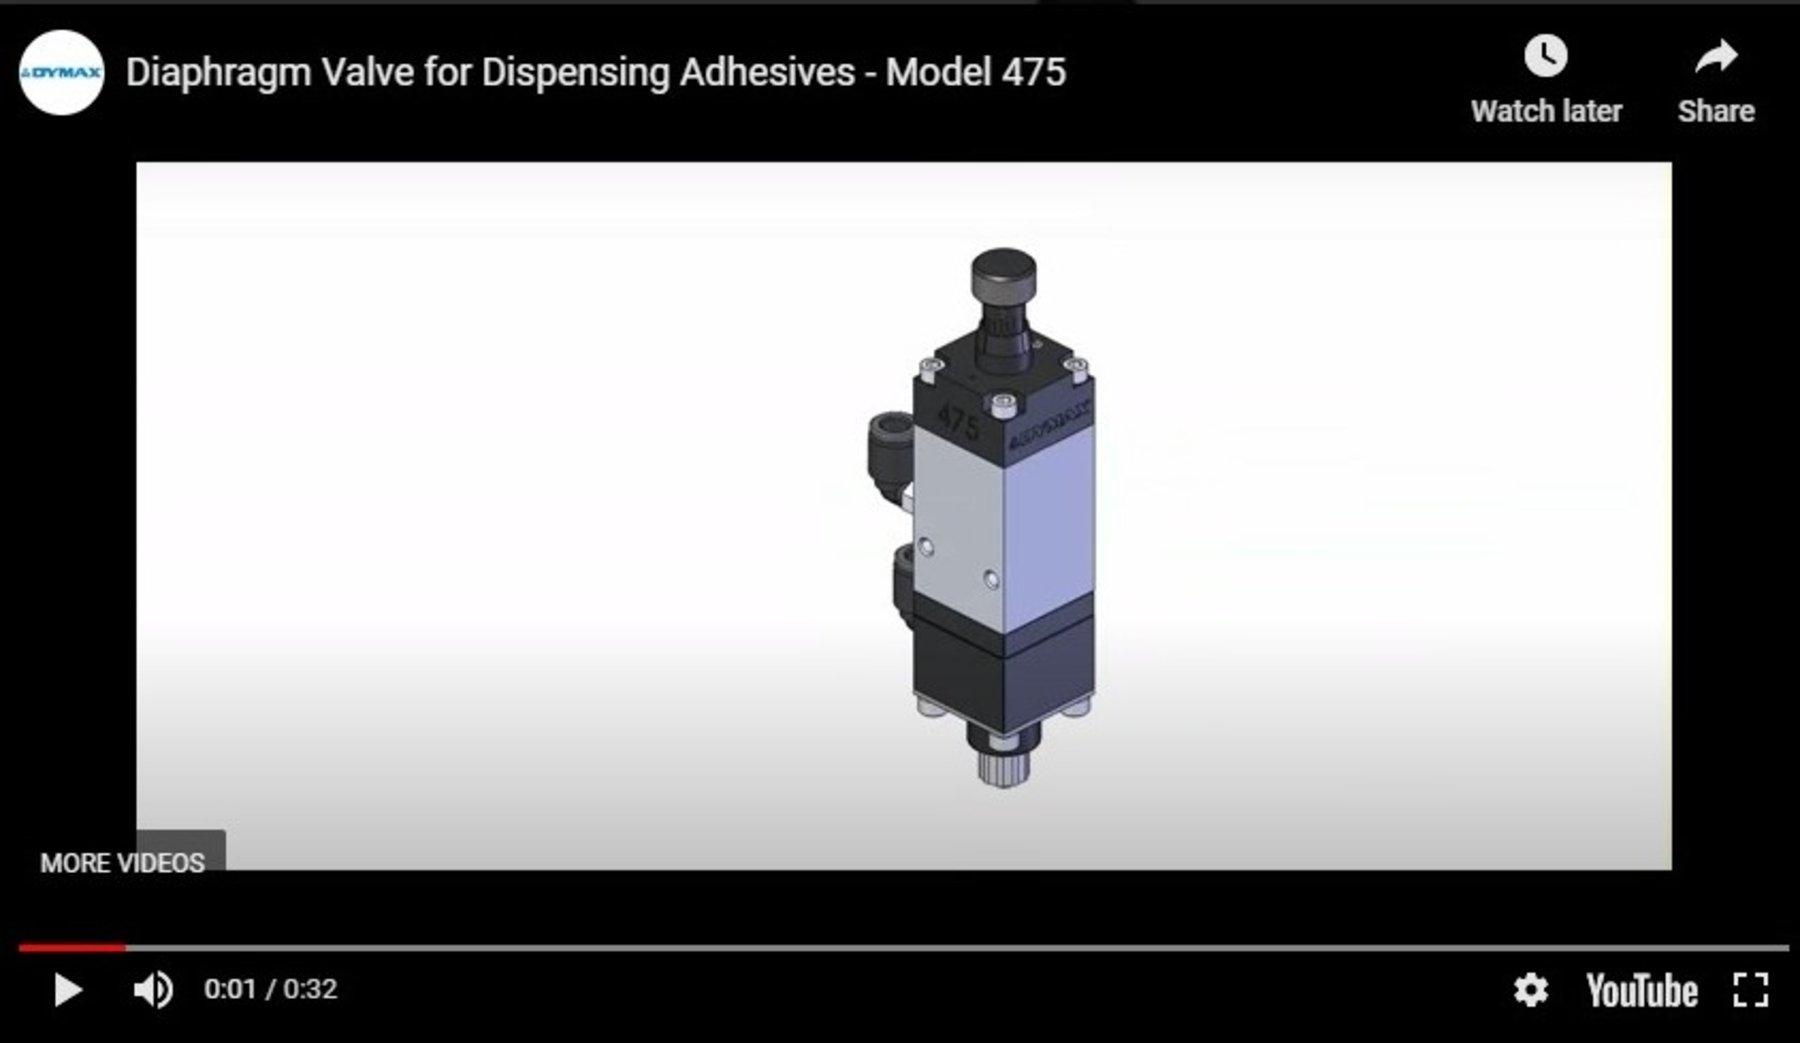 MembranventilModell 475 für die Ausgabe von Klebstoffen